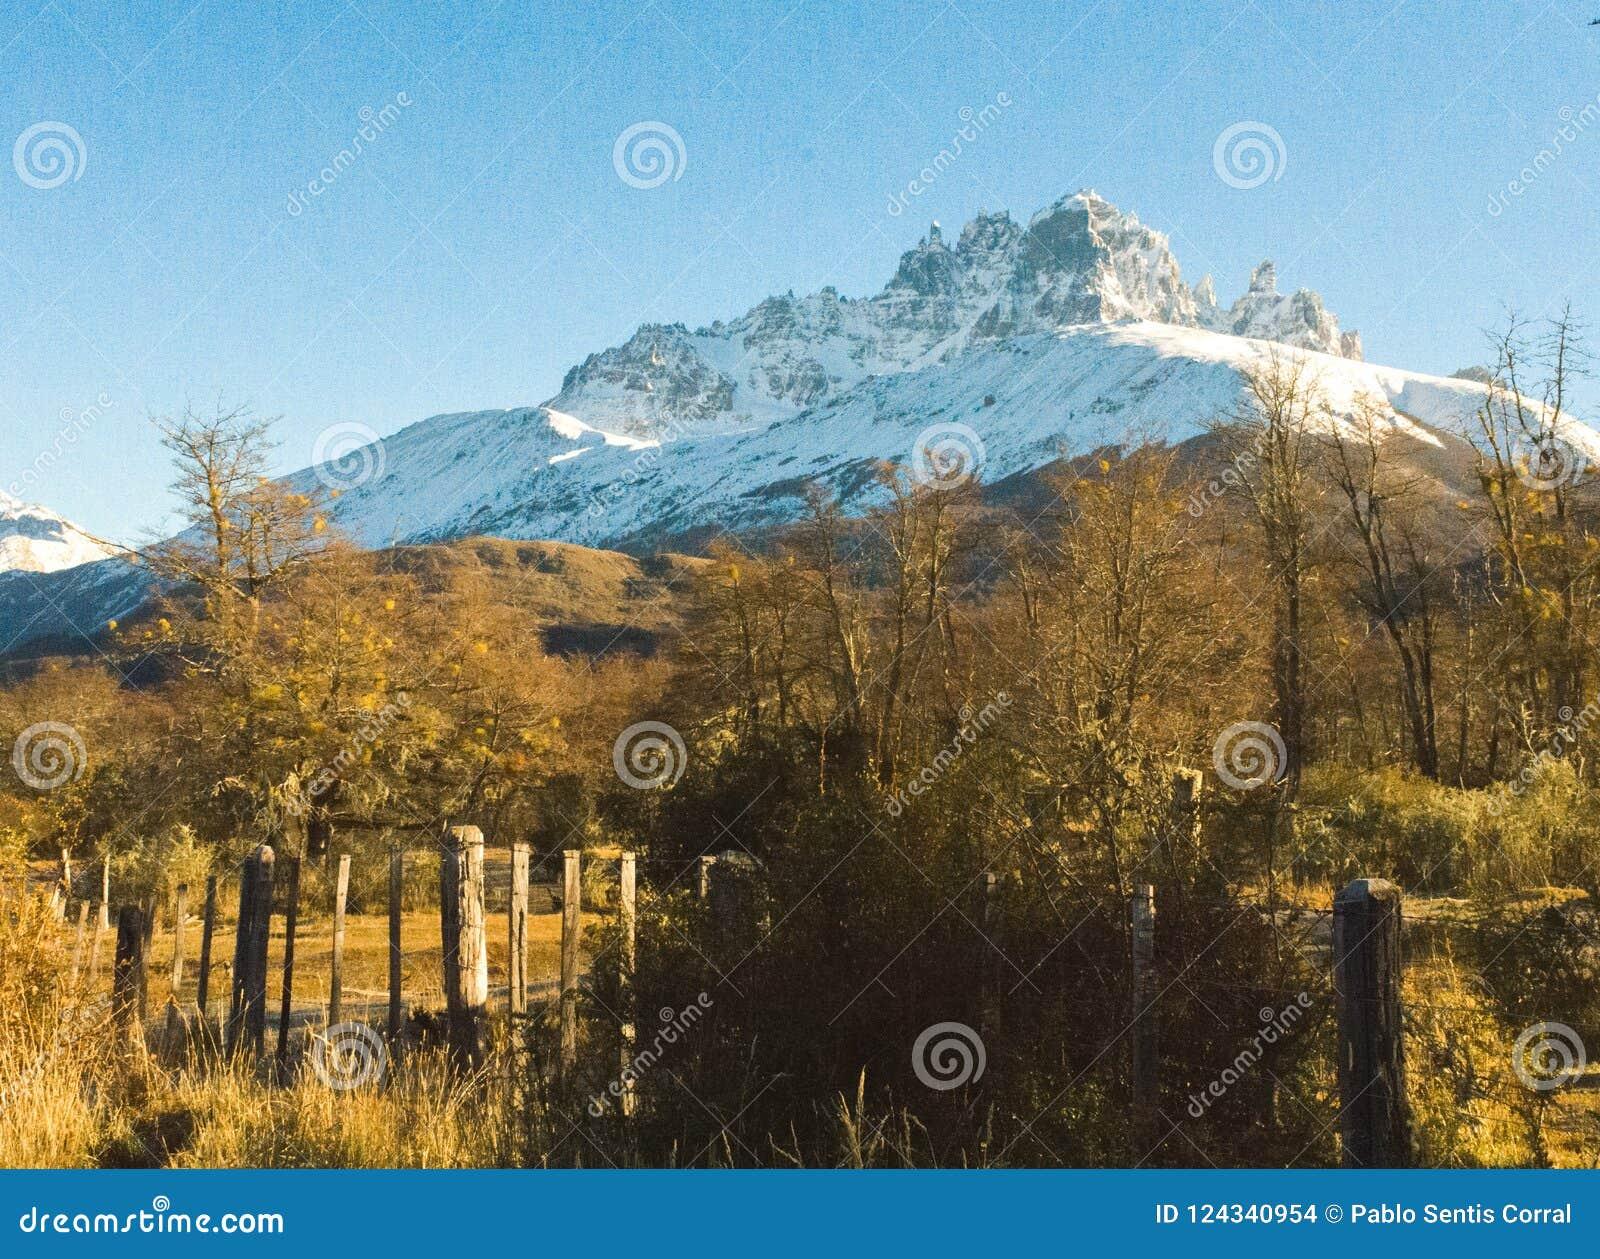 View to Cerro Castillo